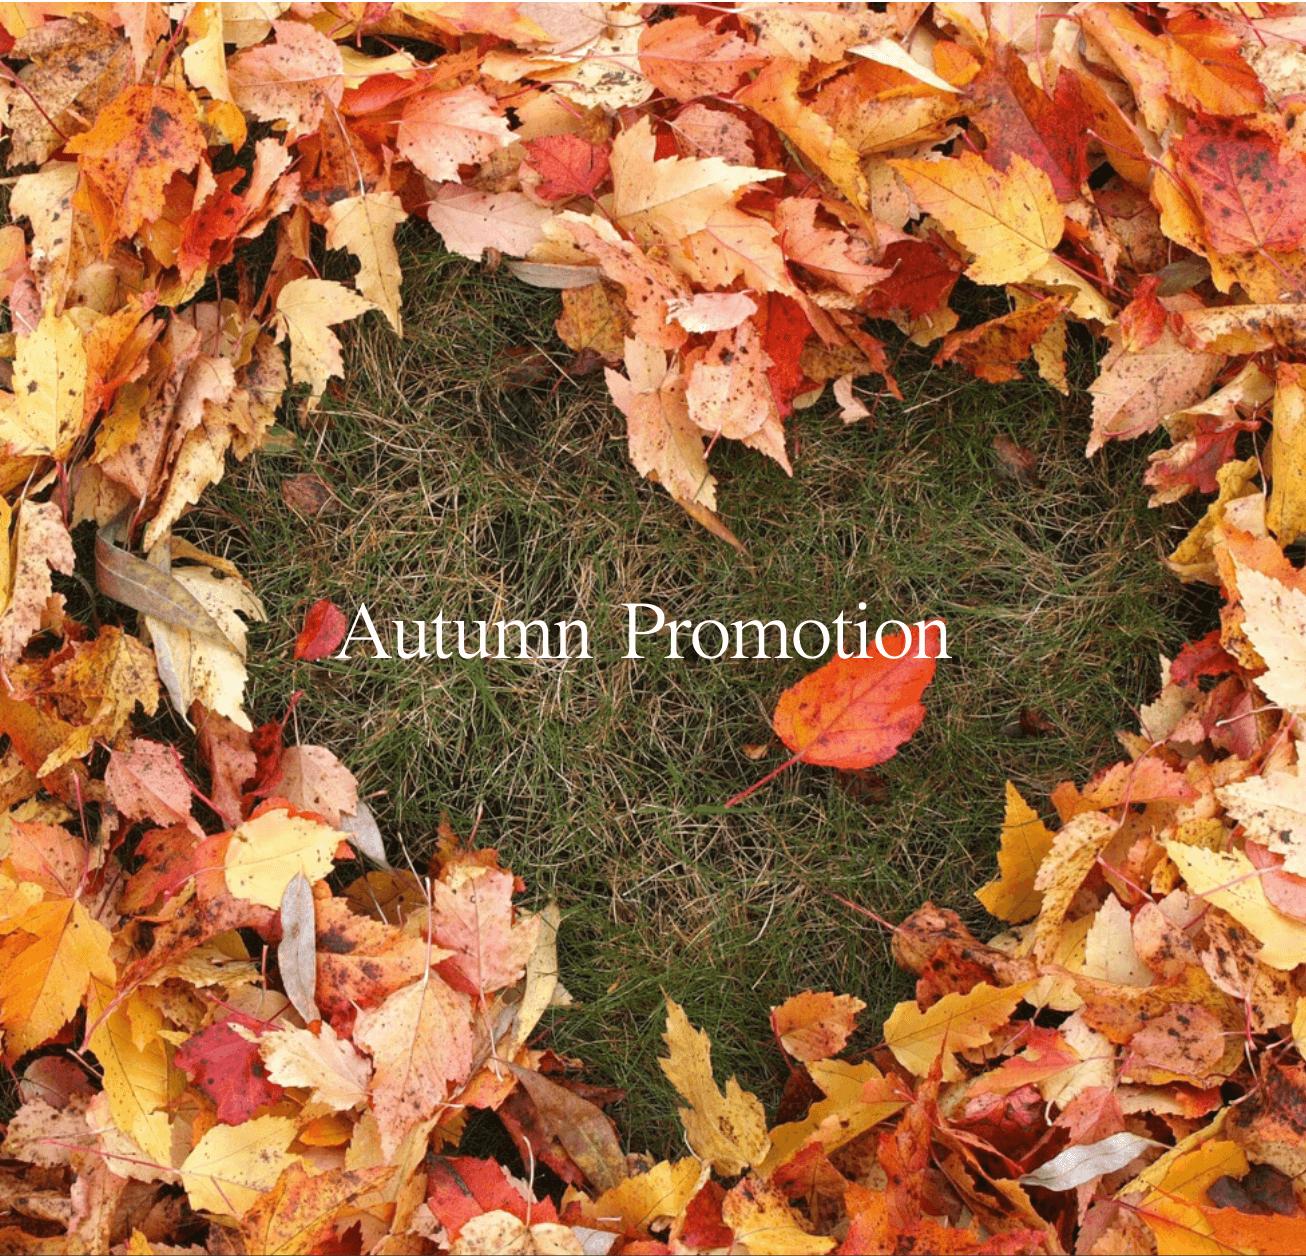 Autumn Promotion